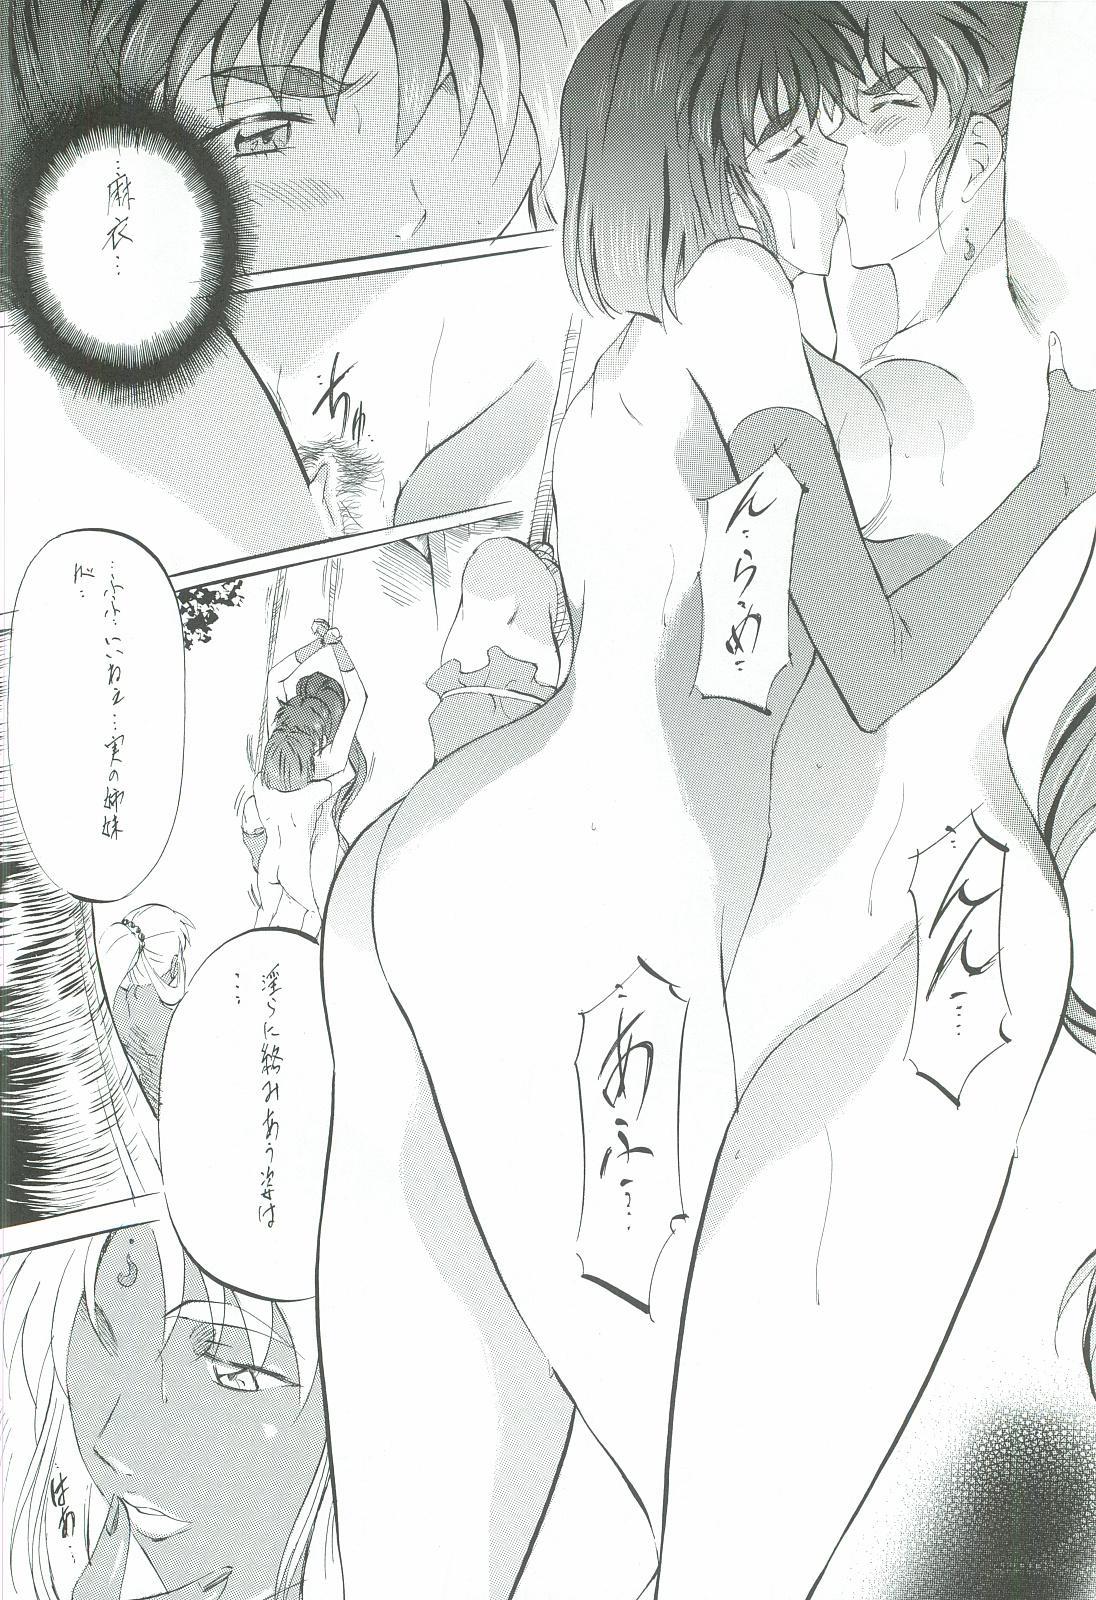 Ai & Mai Gaiden - Kishin Fukkatsu no Shou 100